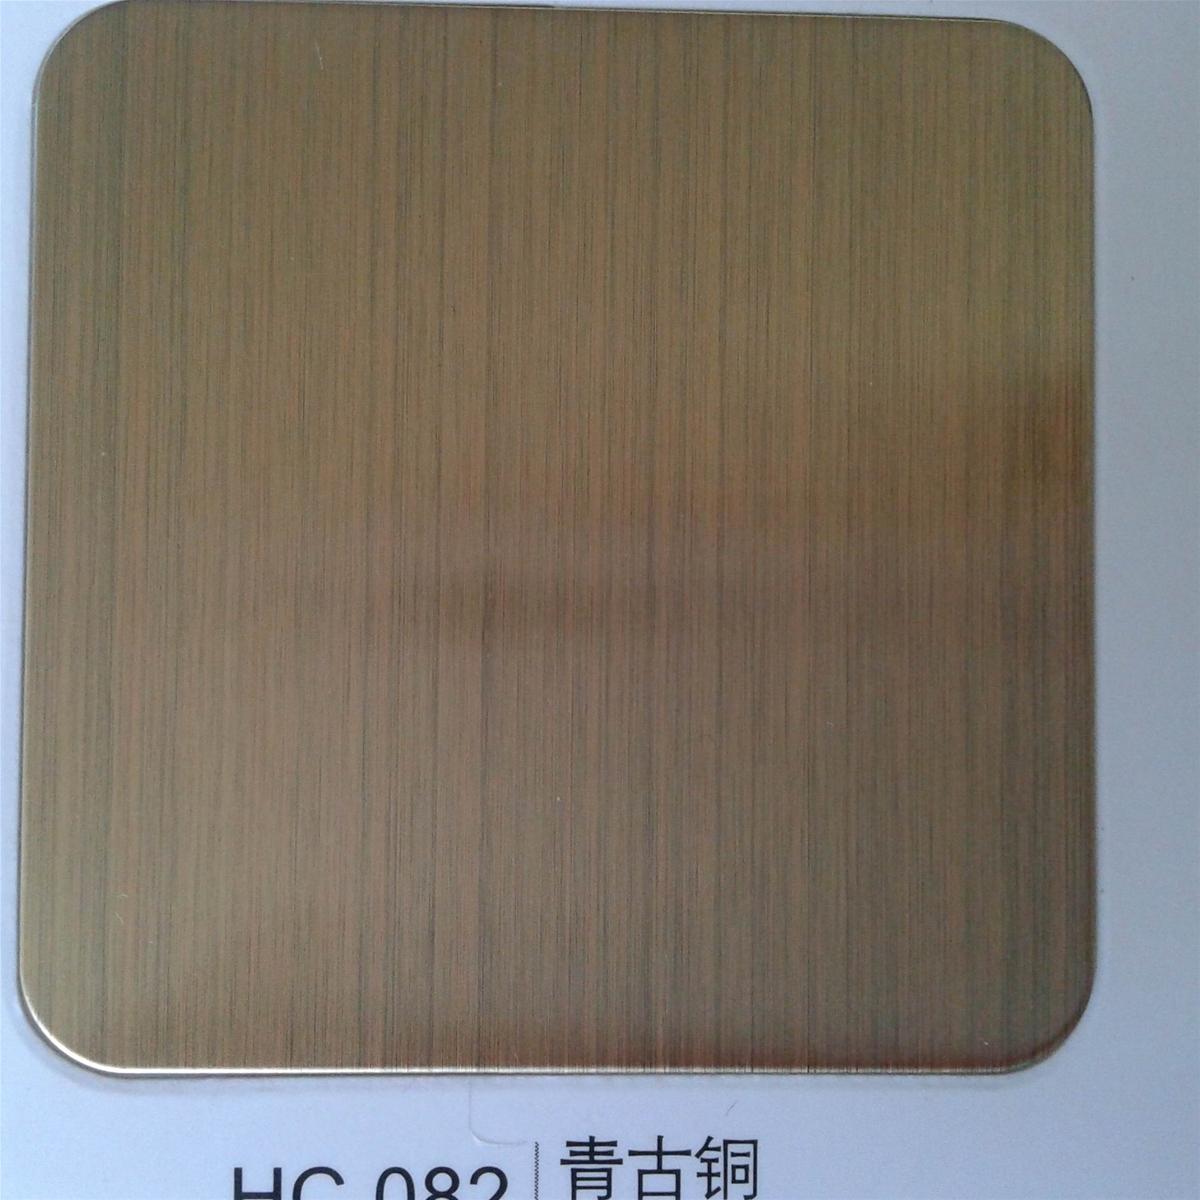 > 不锈钢青古铜  企业:佛山市华晨亿盈金属材料有限公司 类别:镜面8k图片